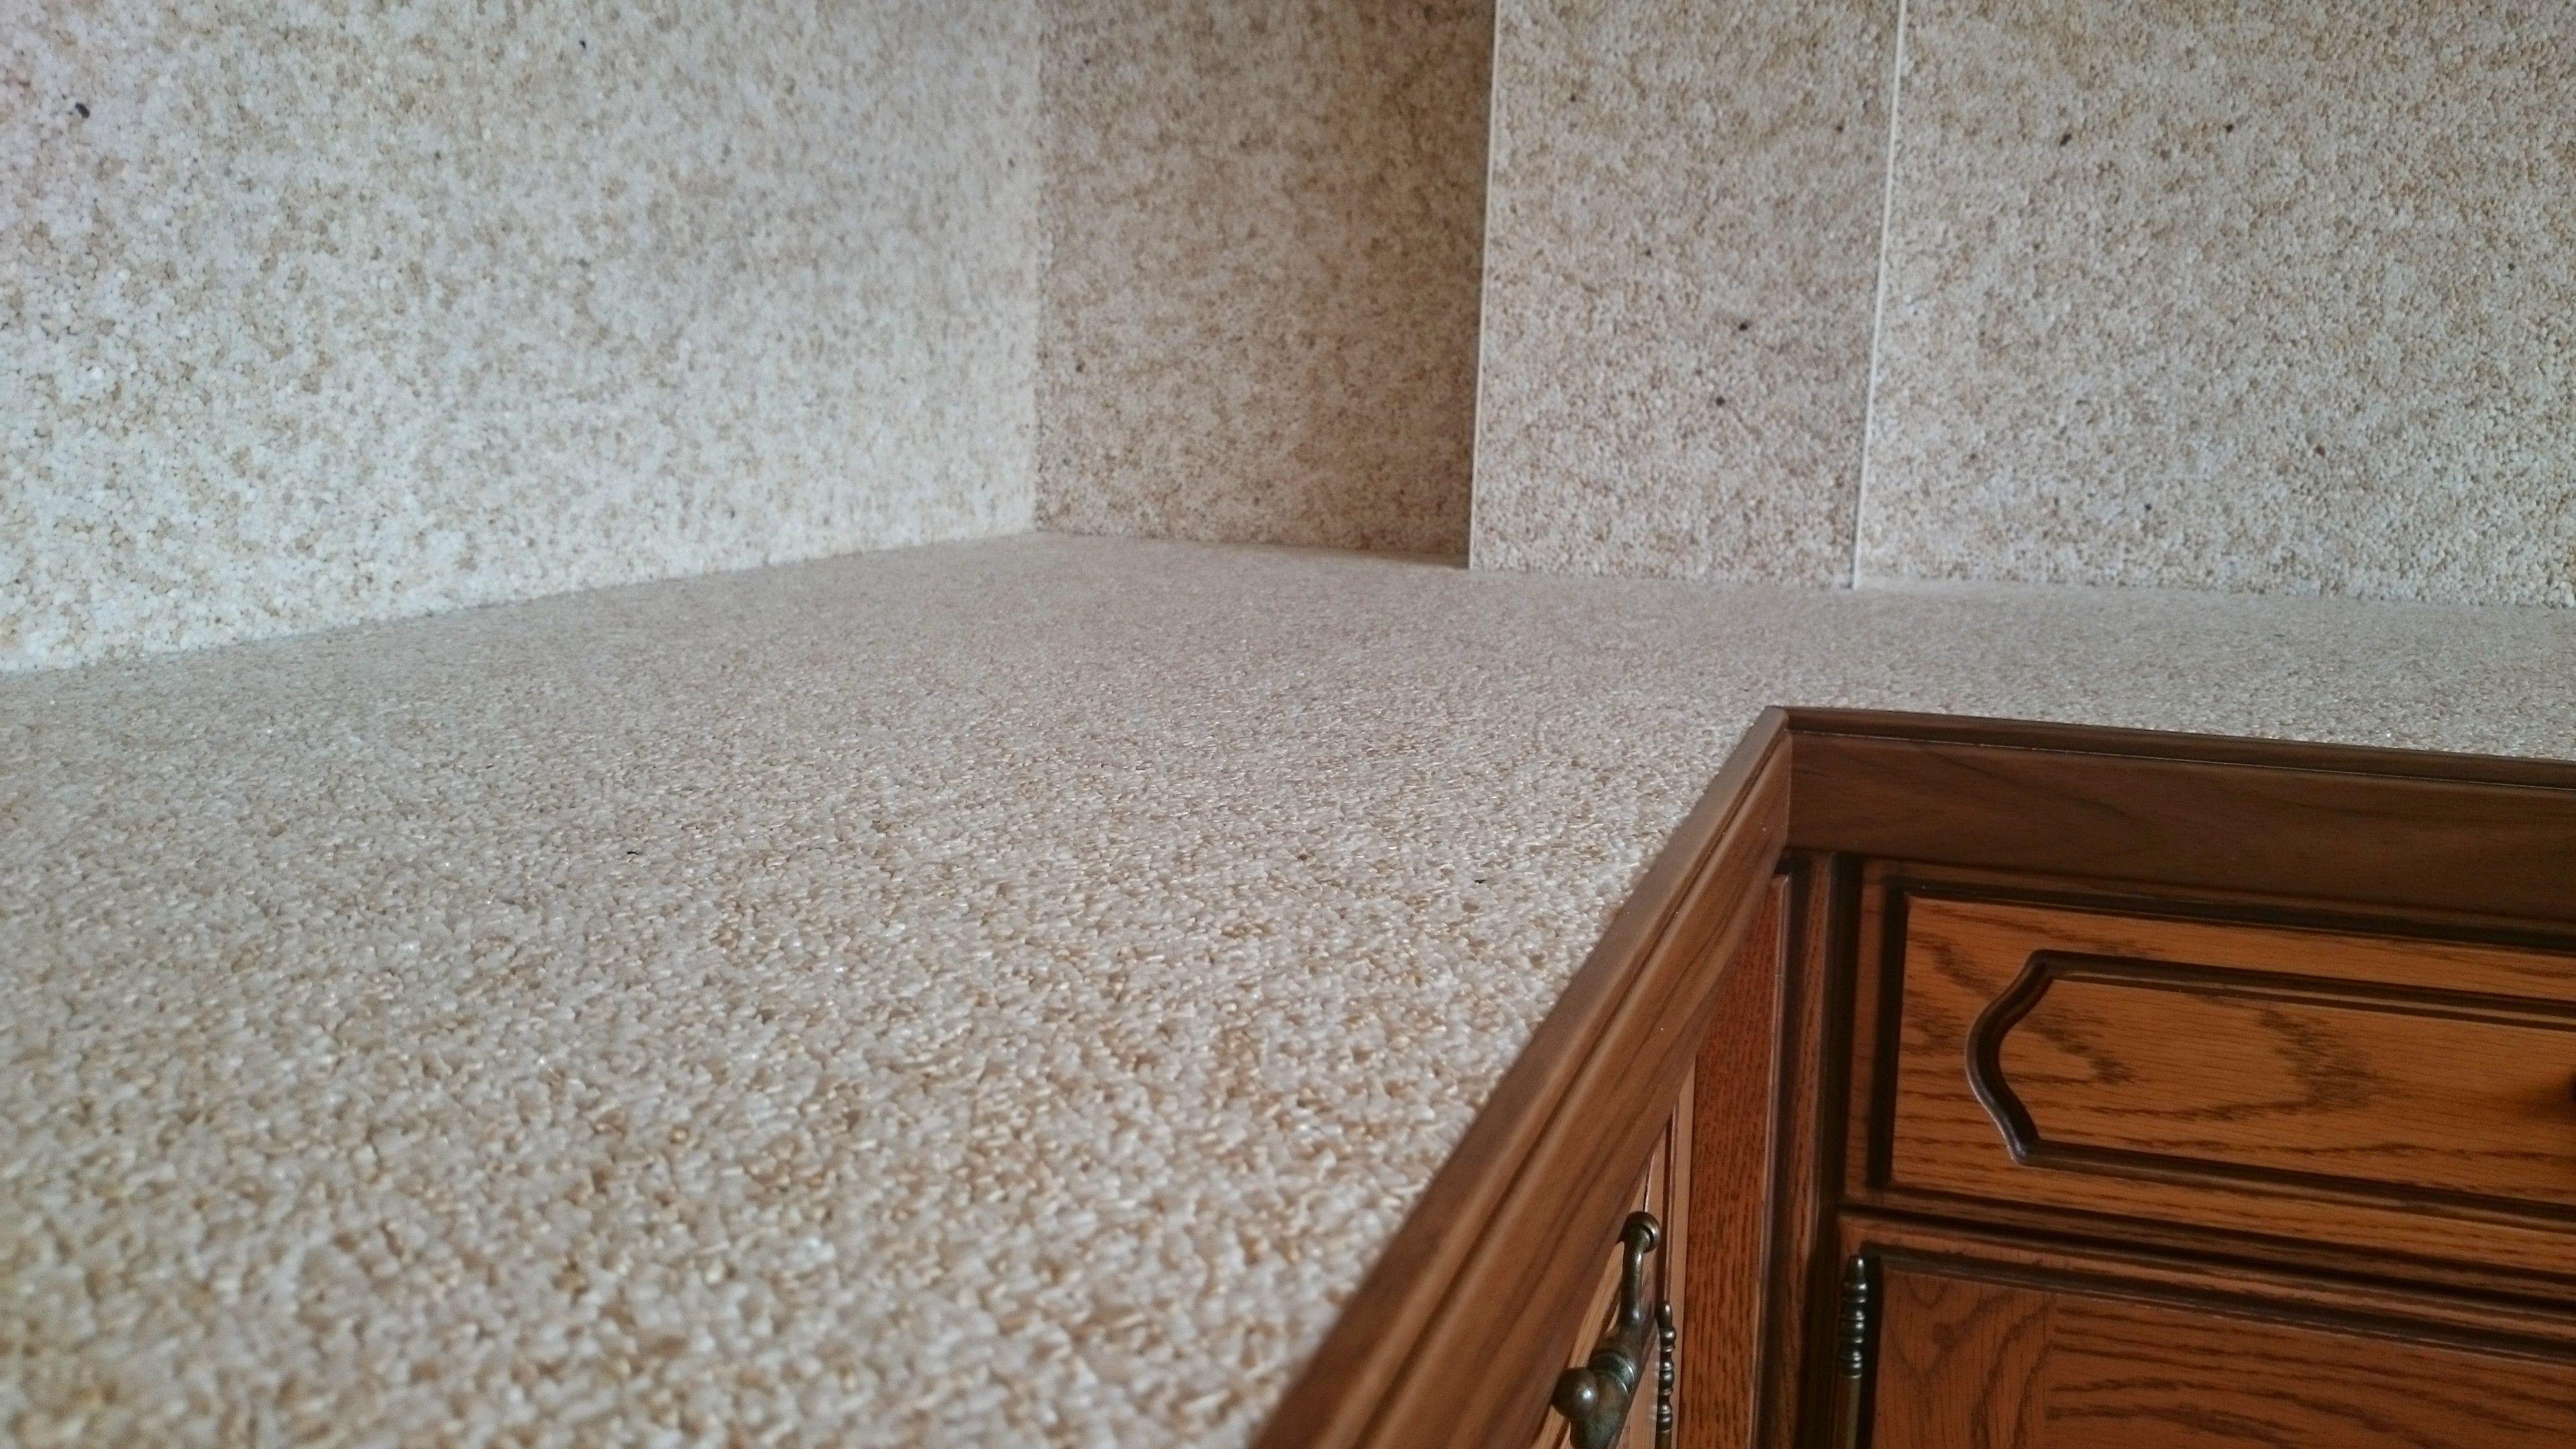 Küchen Arbeitsplatten Sanierung mit Marmorkies Steinteppich und ...